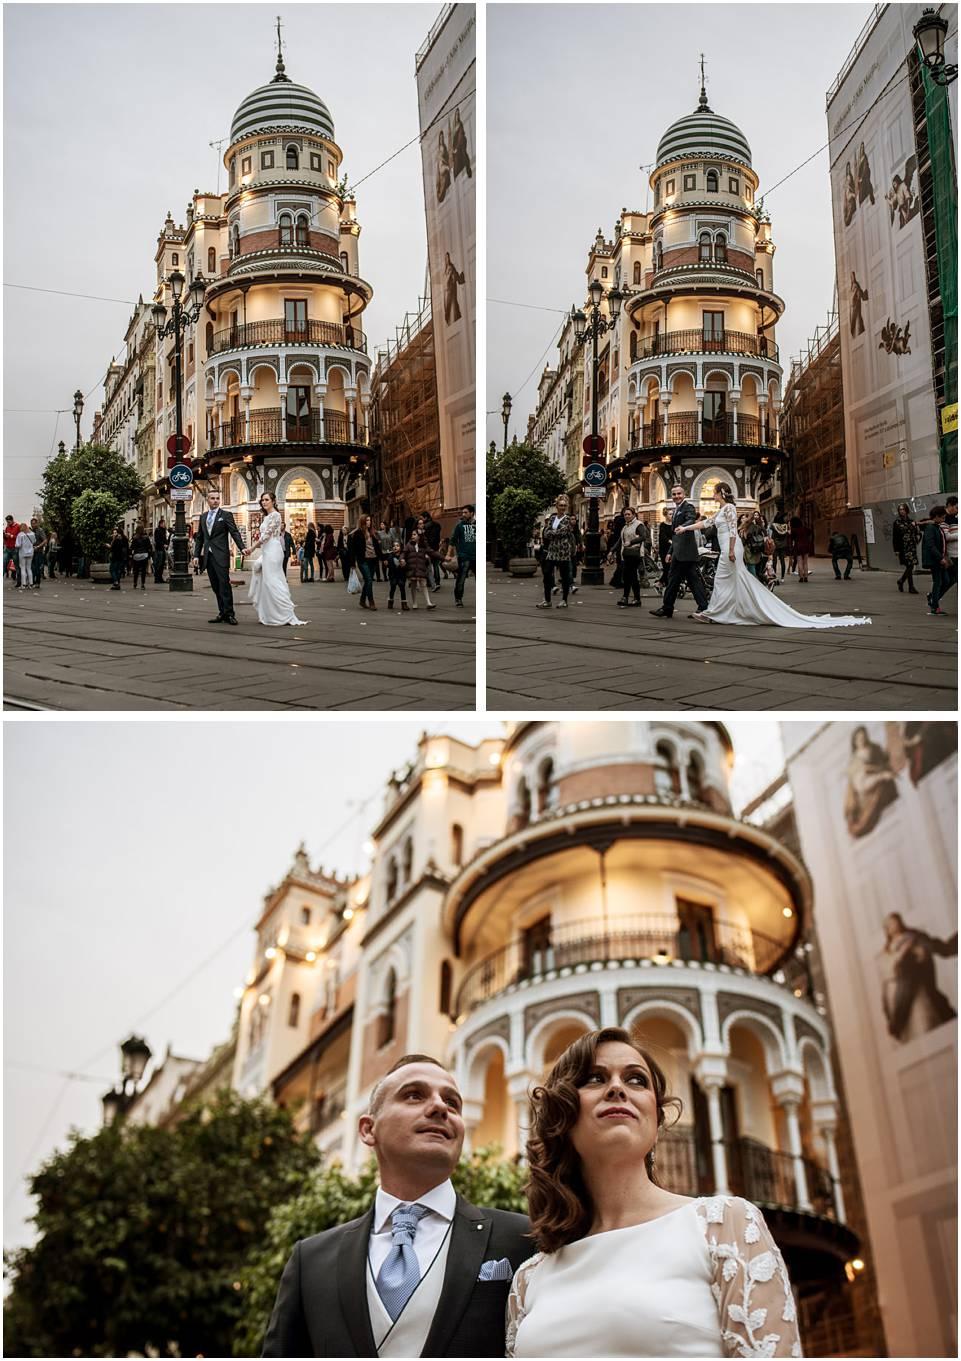 Post-boda en Sevilla, fotógrafo de bodas